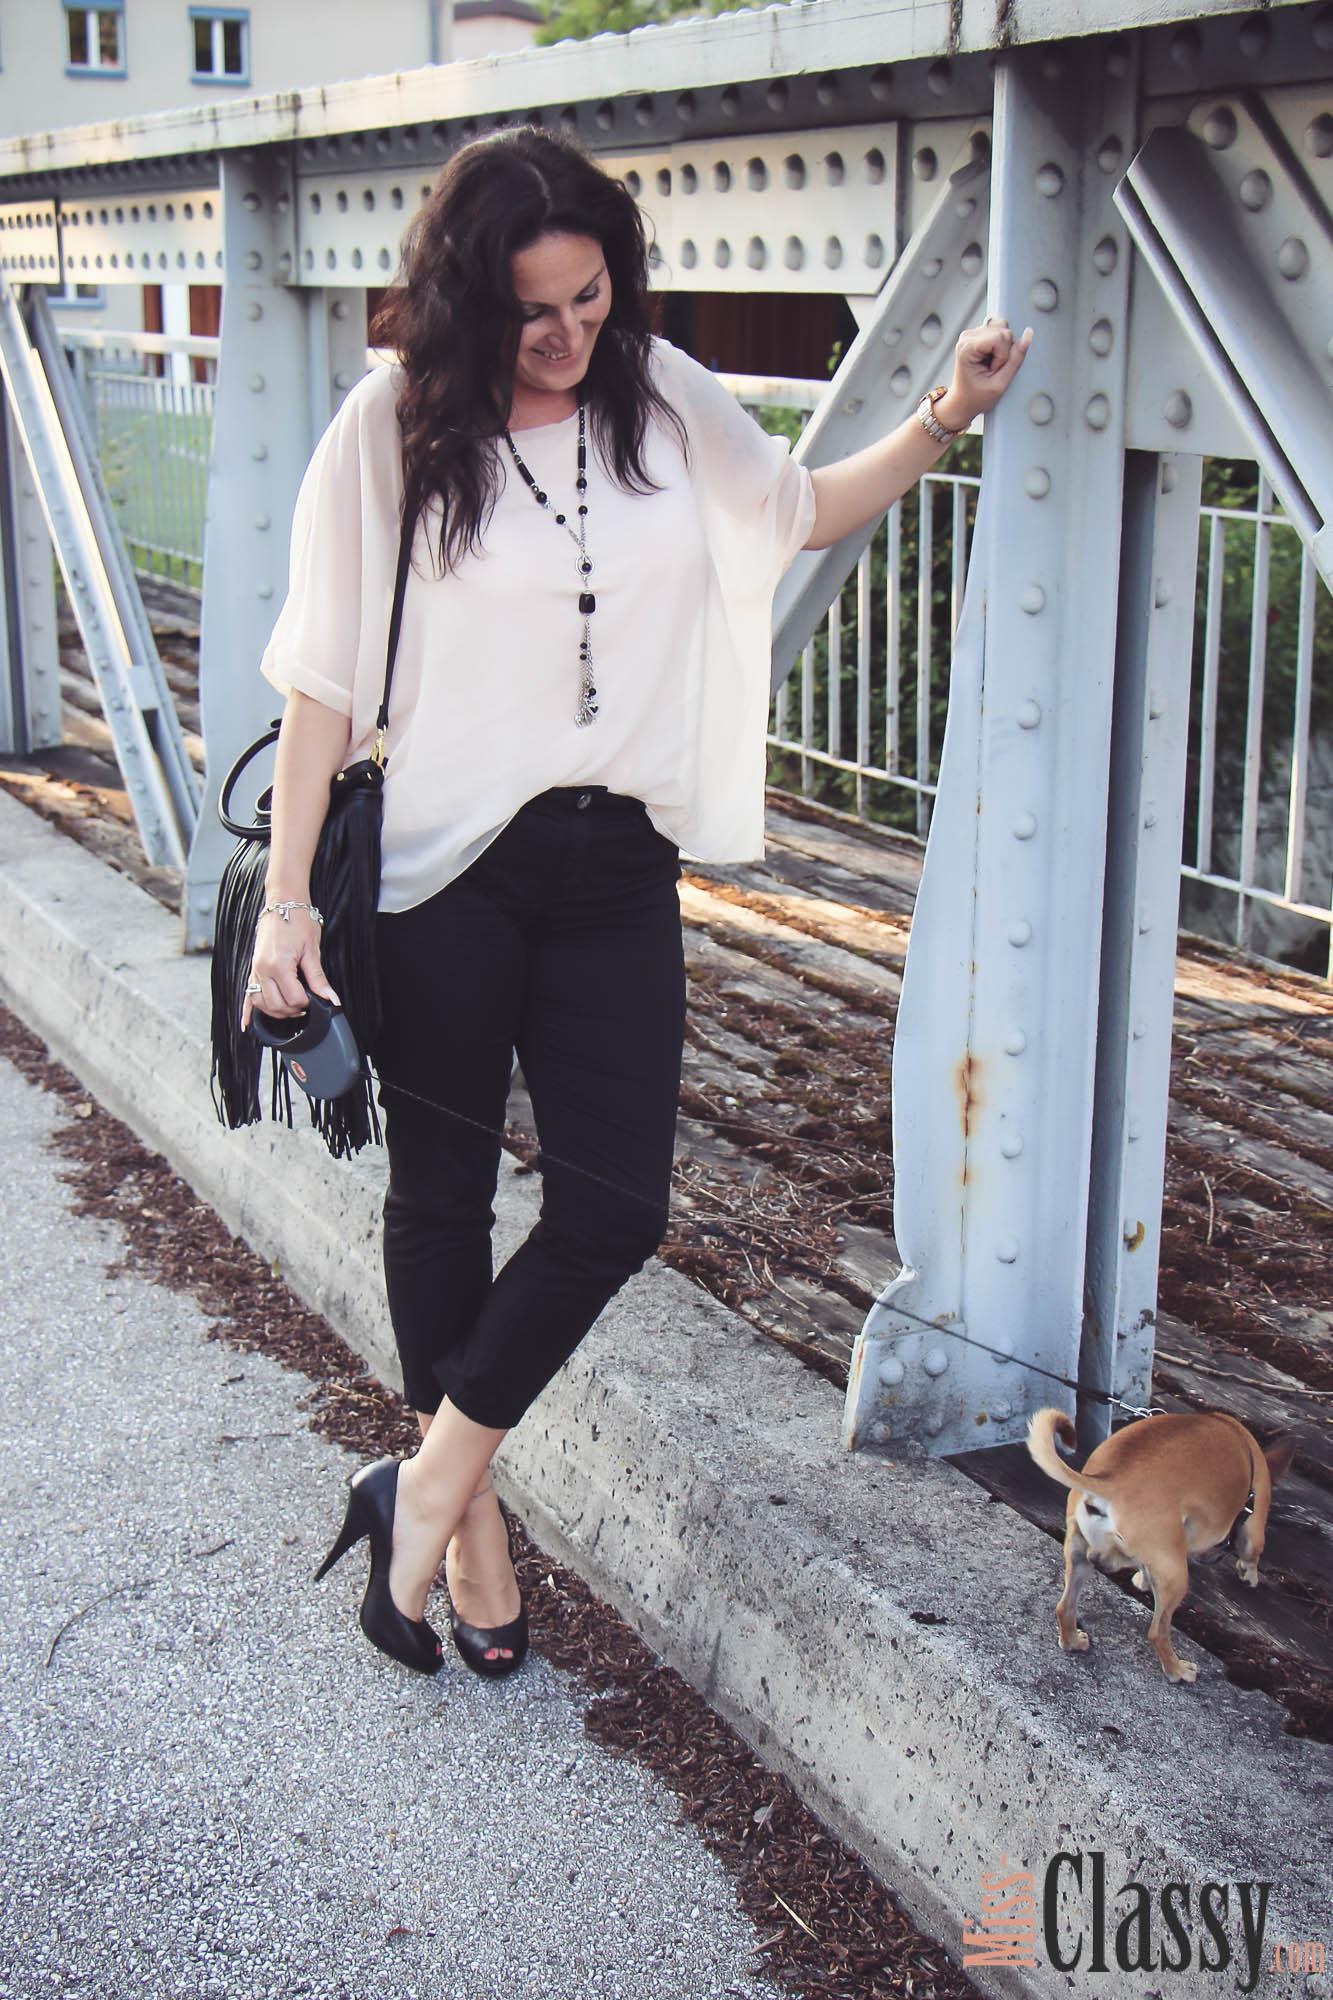 OUTFIT Rosa Shirt mit Fledermausärmeln, schwarzer Hose und Peep-Toes - Fransentasche - Chihuahua